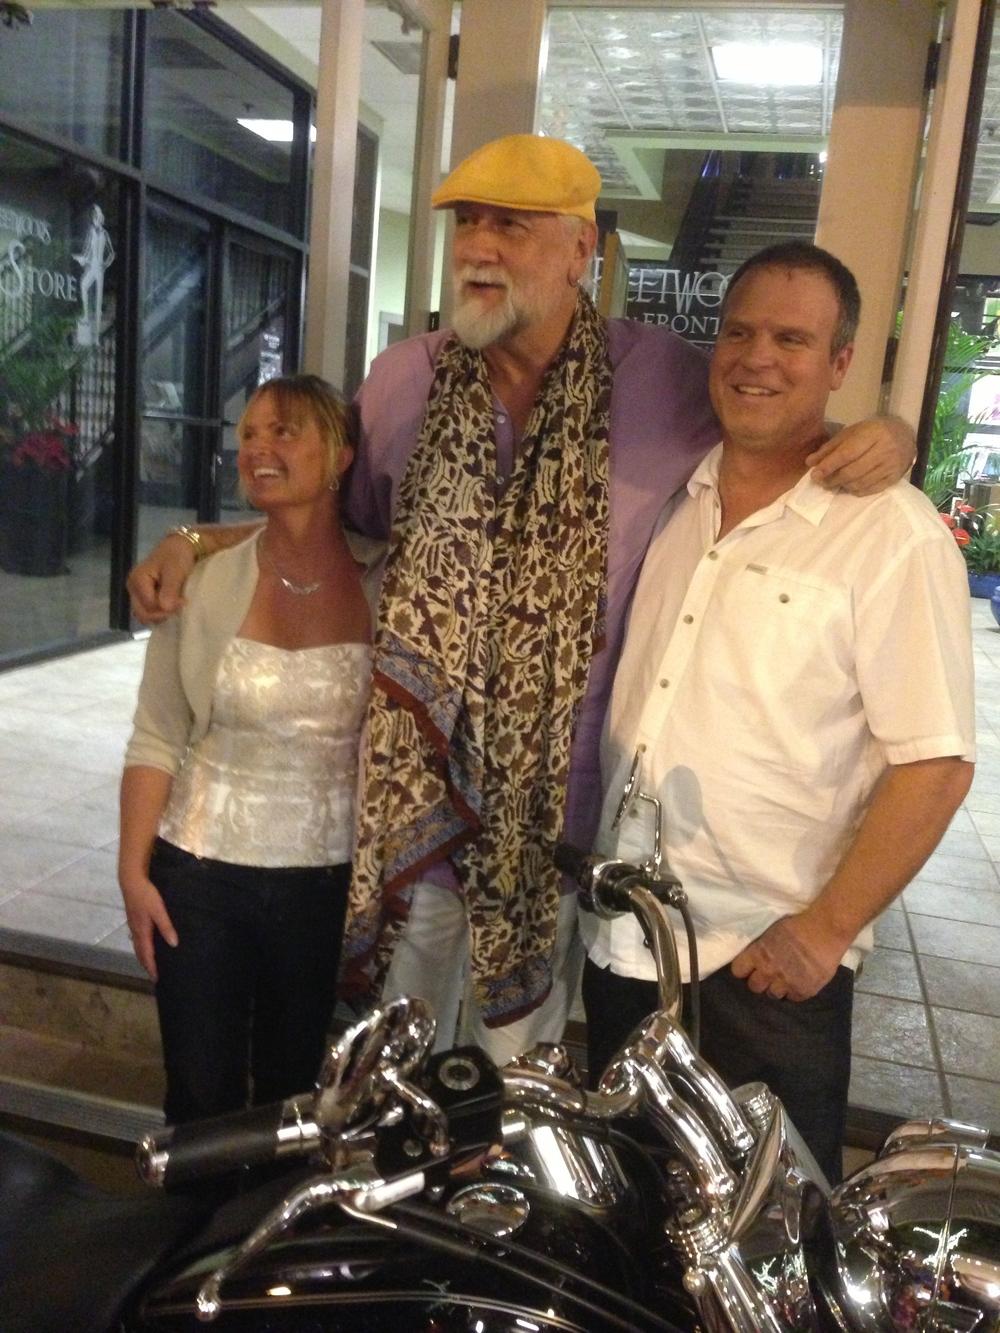 Harley #4 Owners Scott & Angela